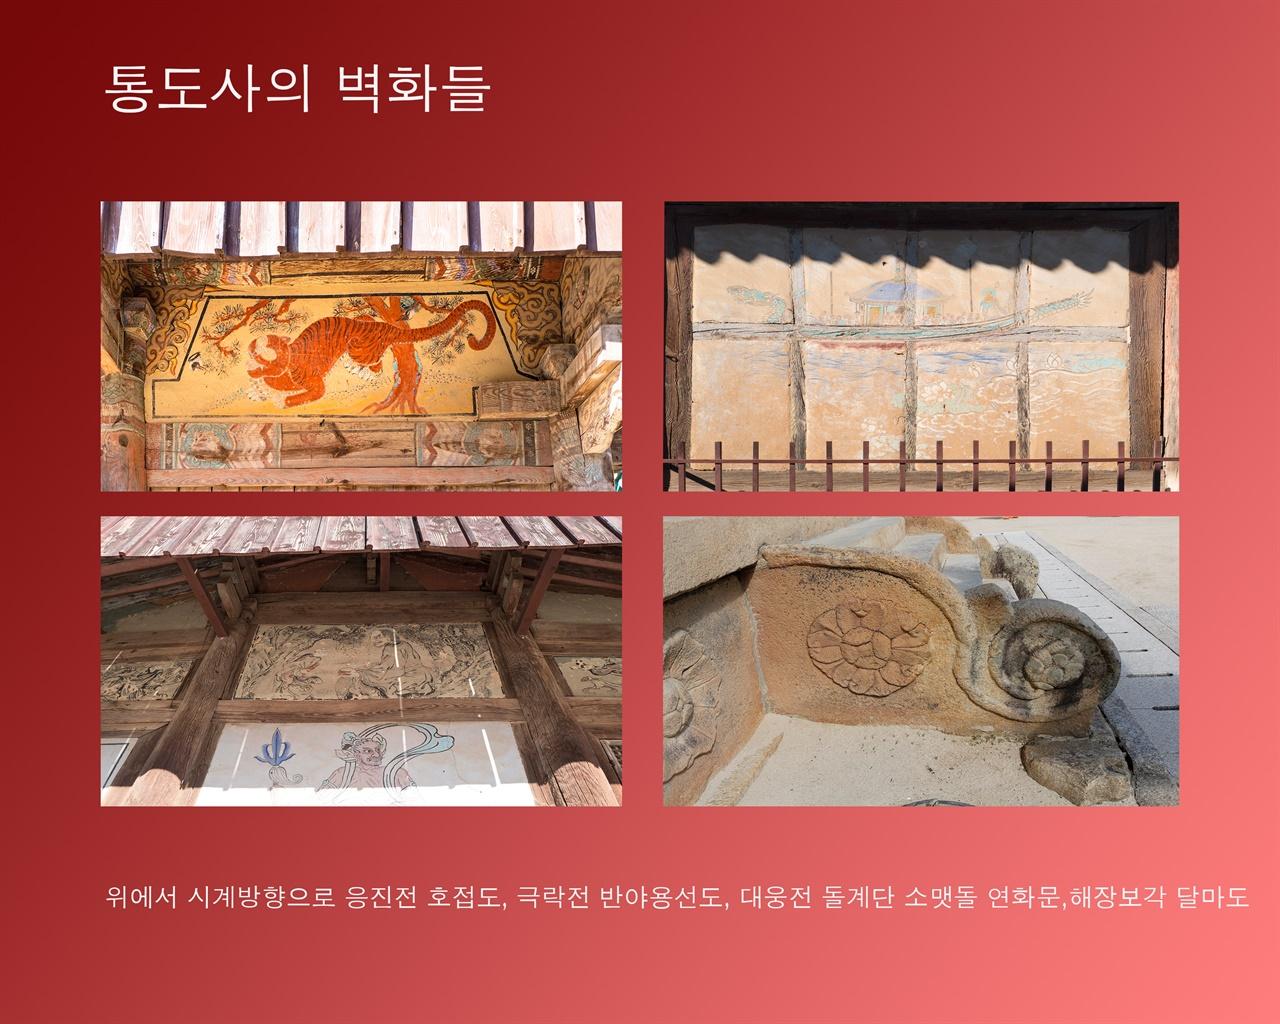 통도사 외벽의 벽화들  '불화의 보고'라 불리는 통도사에는 각 전각의 외벽에도 훌륭한 벽화들이 많이 그려져 있다.